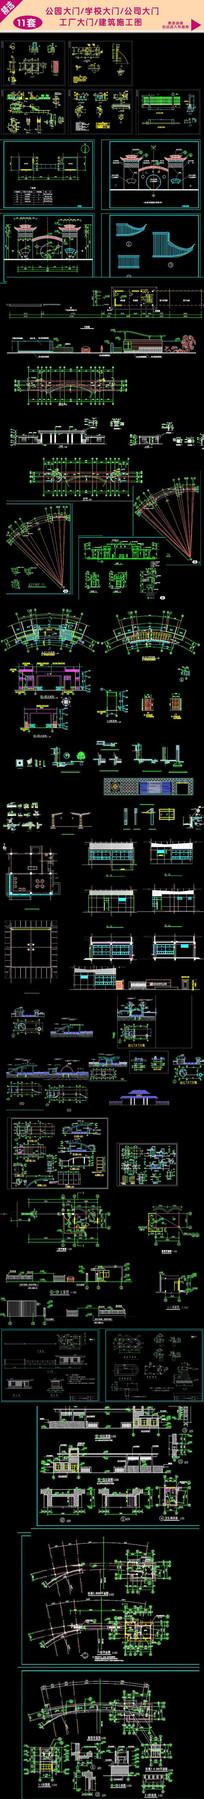 学校大门设计施工图 dwg